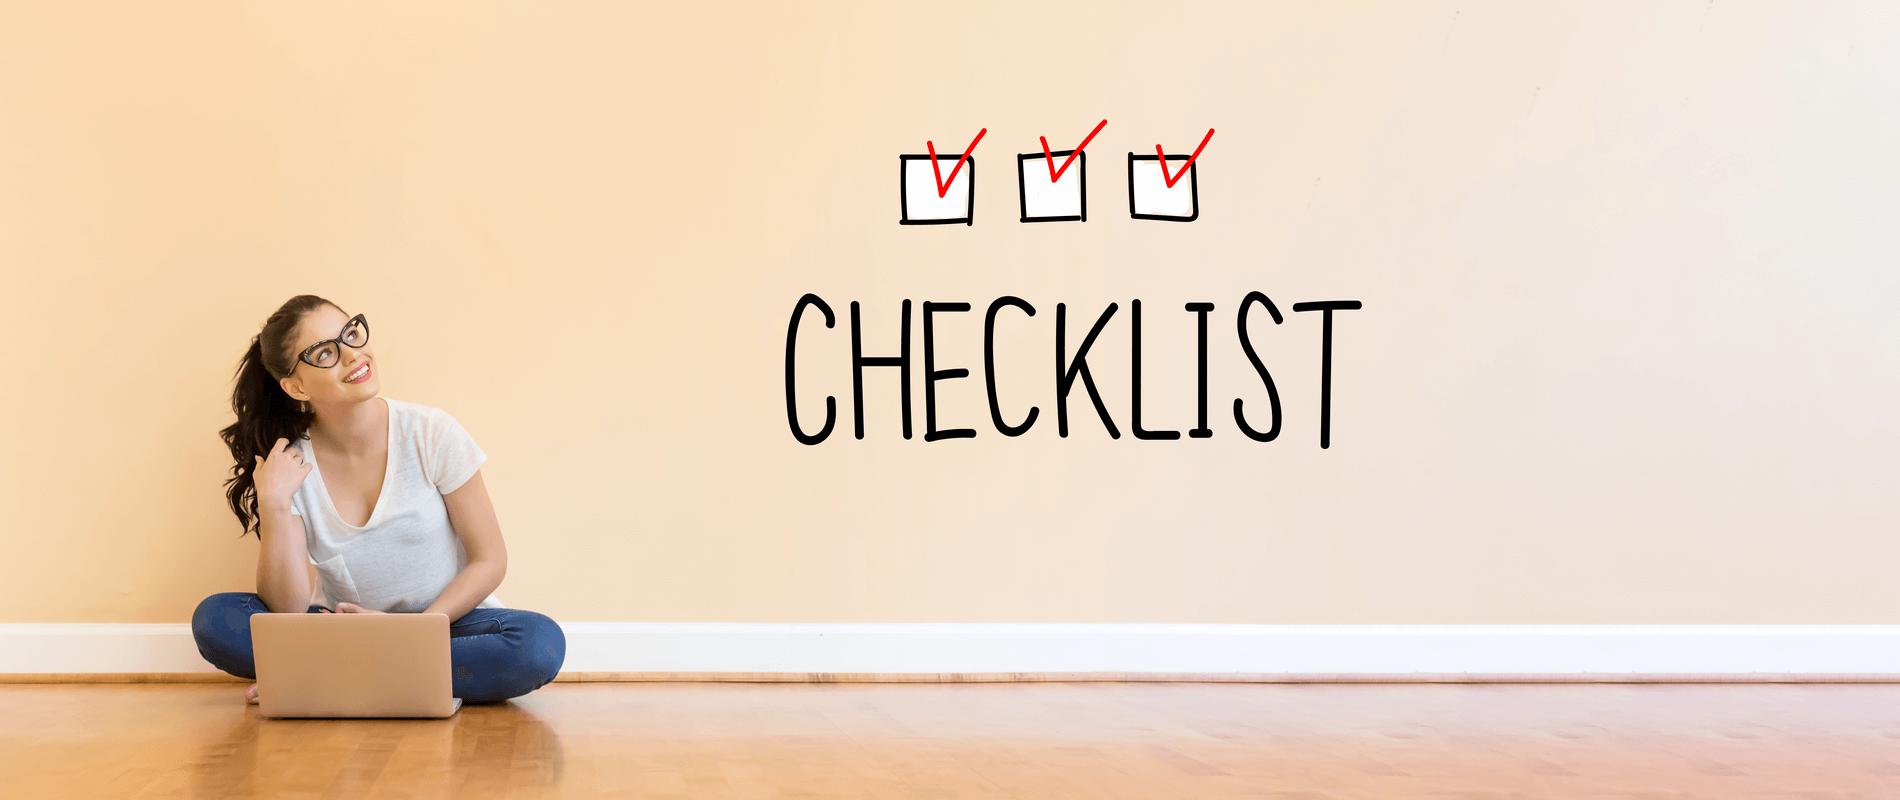 İçerik Pazarlama Stratejinizi Geliştirmek İçin Kalite Kontrol Listesi